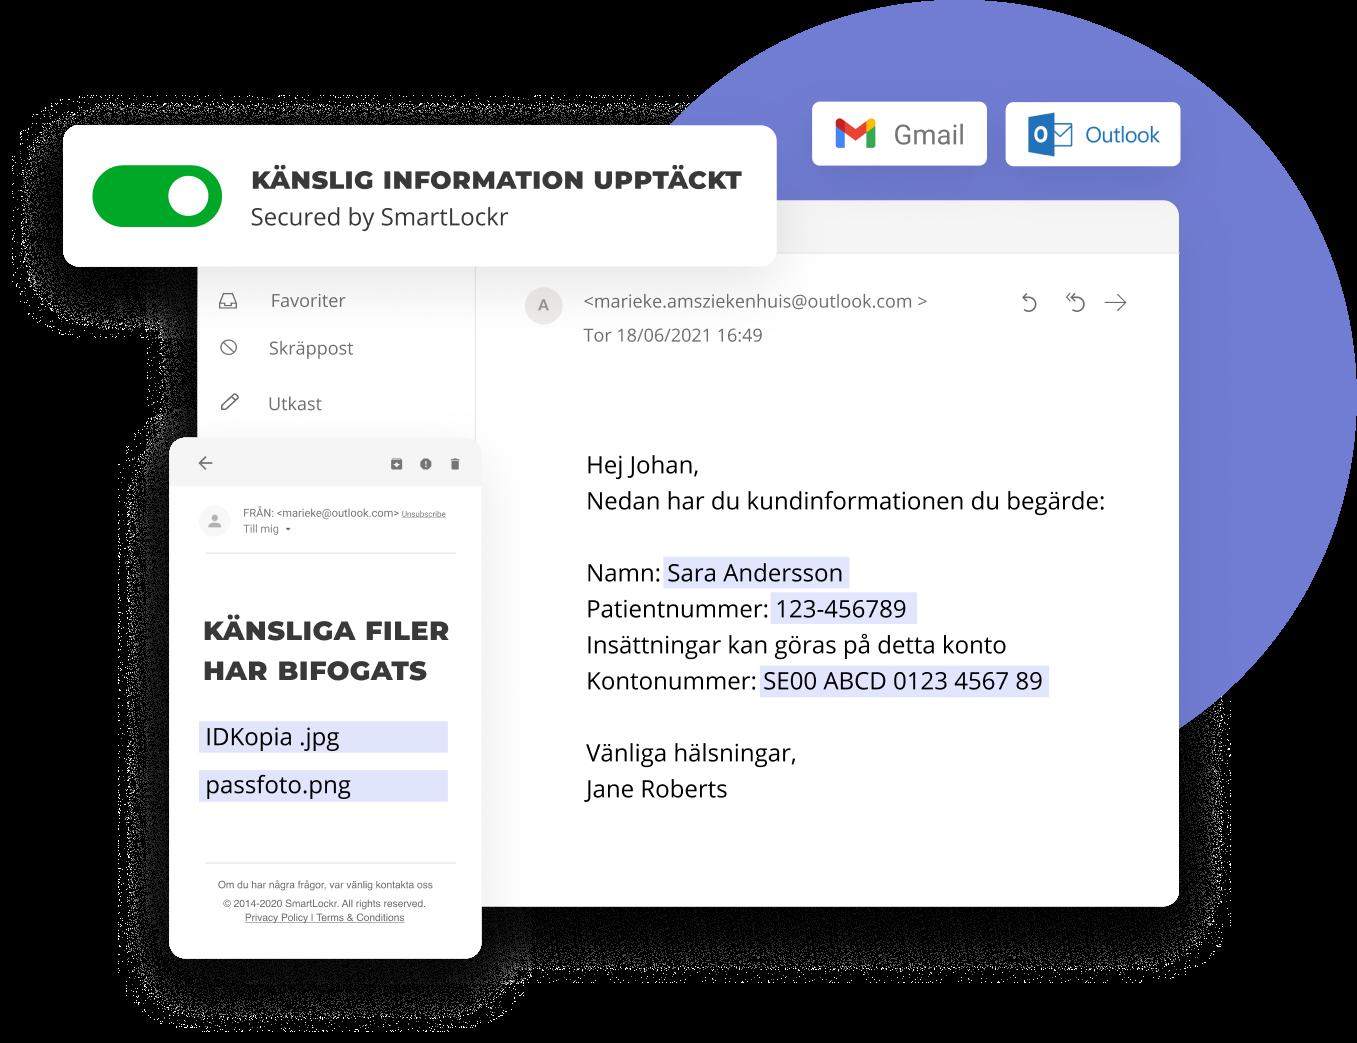 Enkelt och säkert: Skydda din organisation från dataläckor med SmartLockr